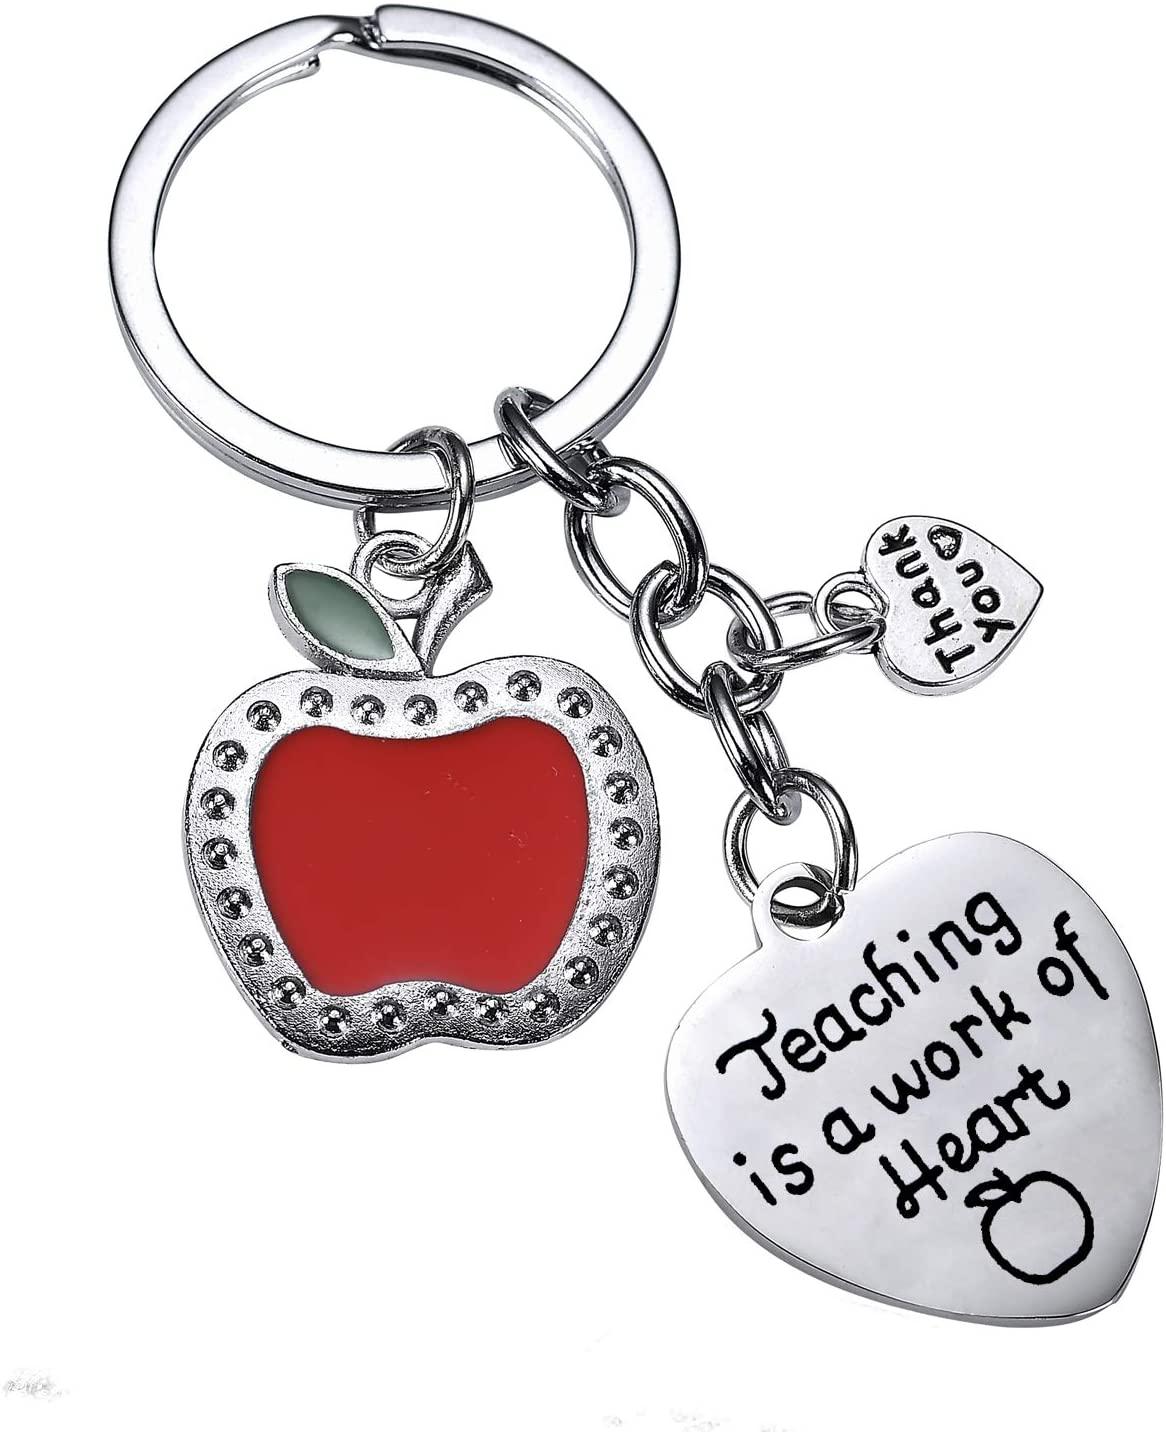 BESPMOSP Teacher Thank You Heart Keychain Teaching Keyring Appreciation Graduation Gifts Women Teacher's Day Jewelry